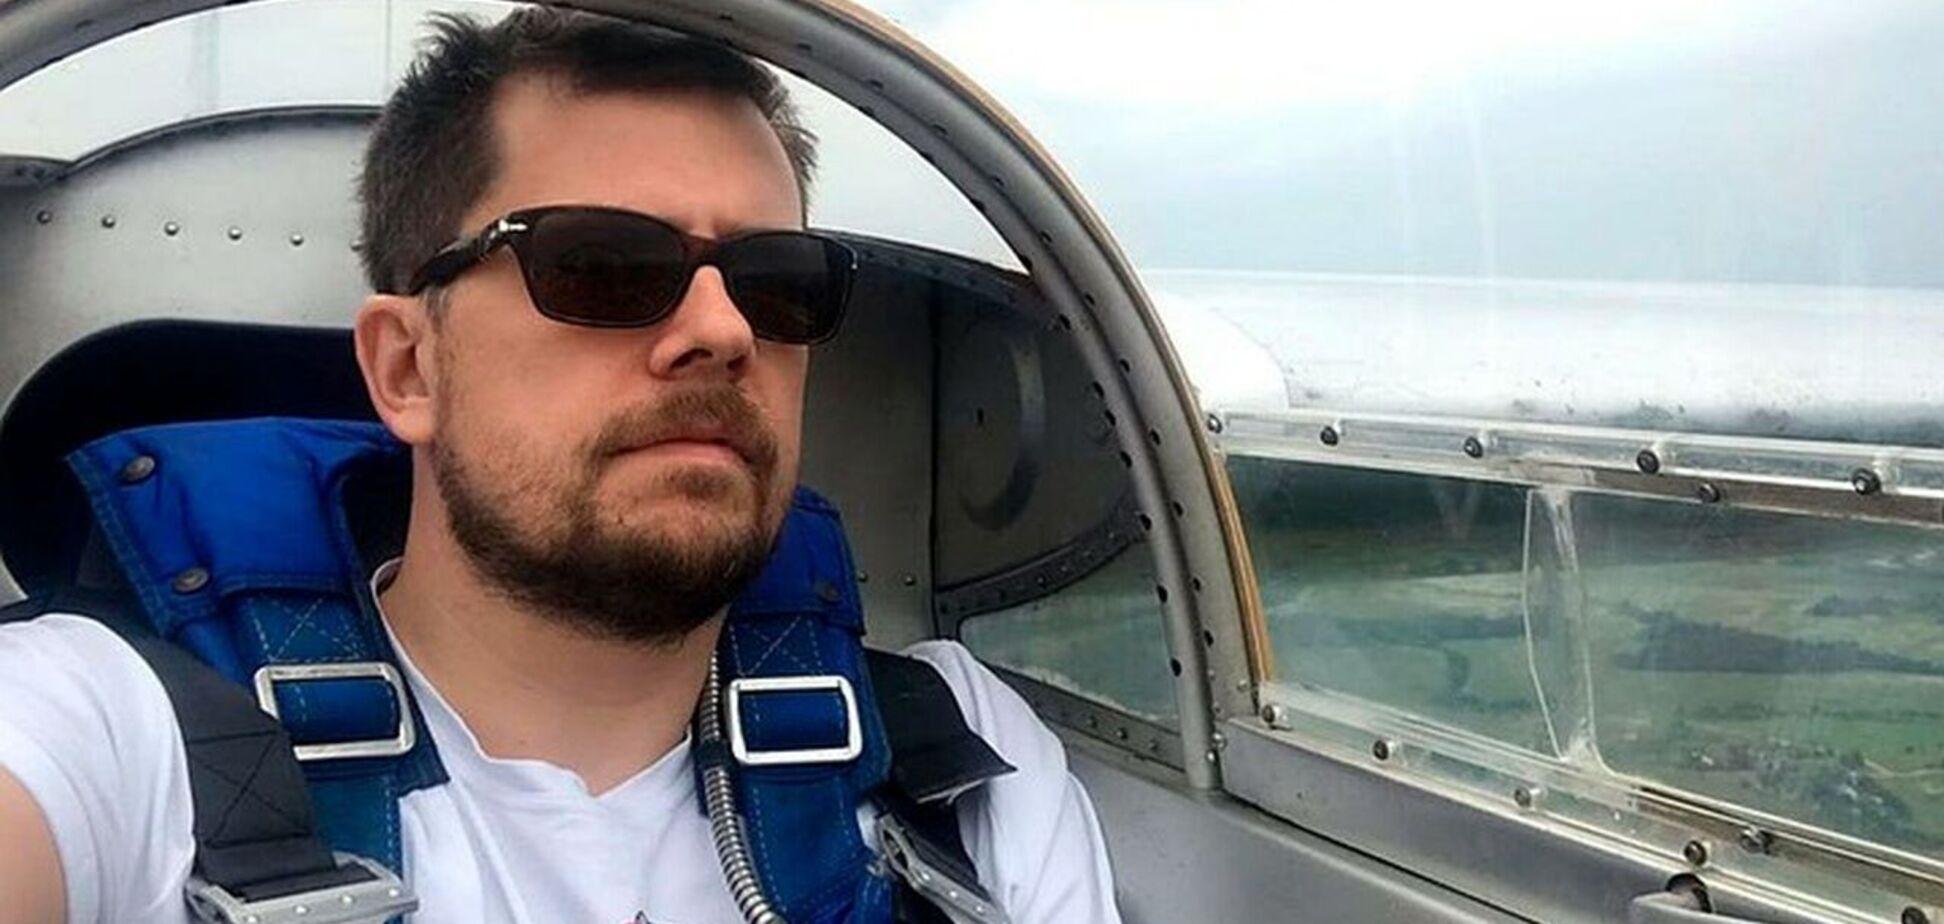 Названа предварительная причина крушения самолета, в котором погиб ведущий Колтовой